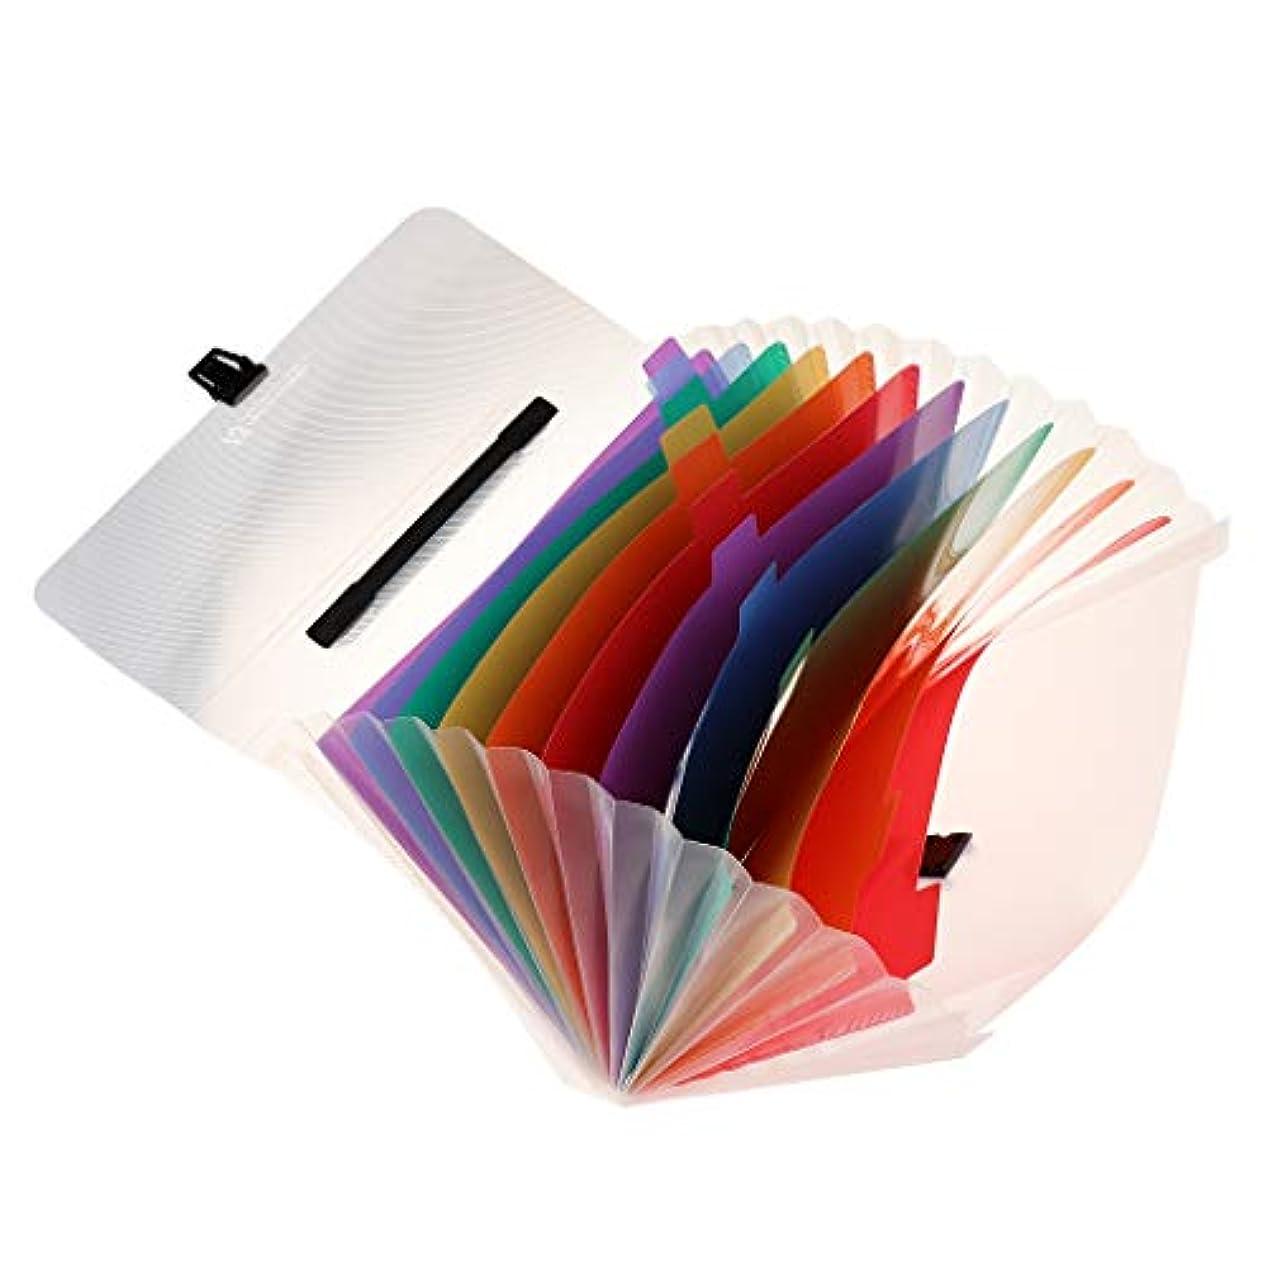 自殺本質的ではないレトルトKESOTO ファイルフォルダー 13ポケット 約1000枚収納可能 多色文字紙収納袋 多機能 持ち運び便利 高品質 耐久性